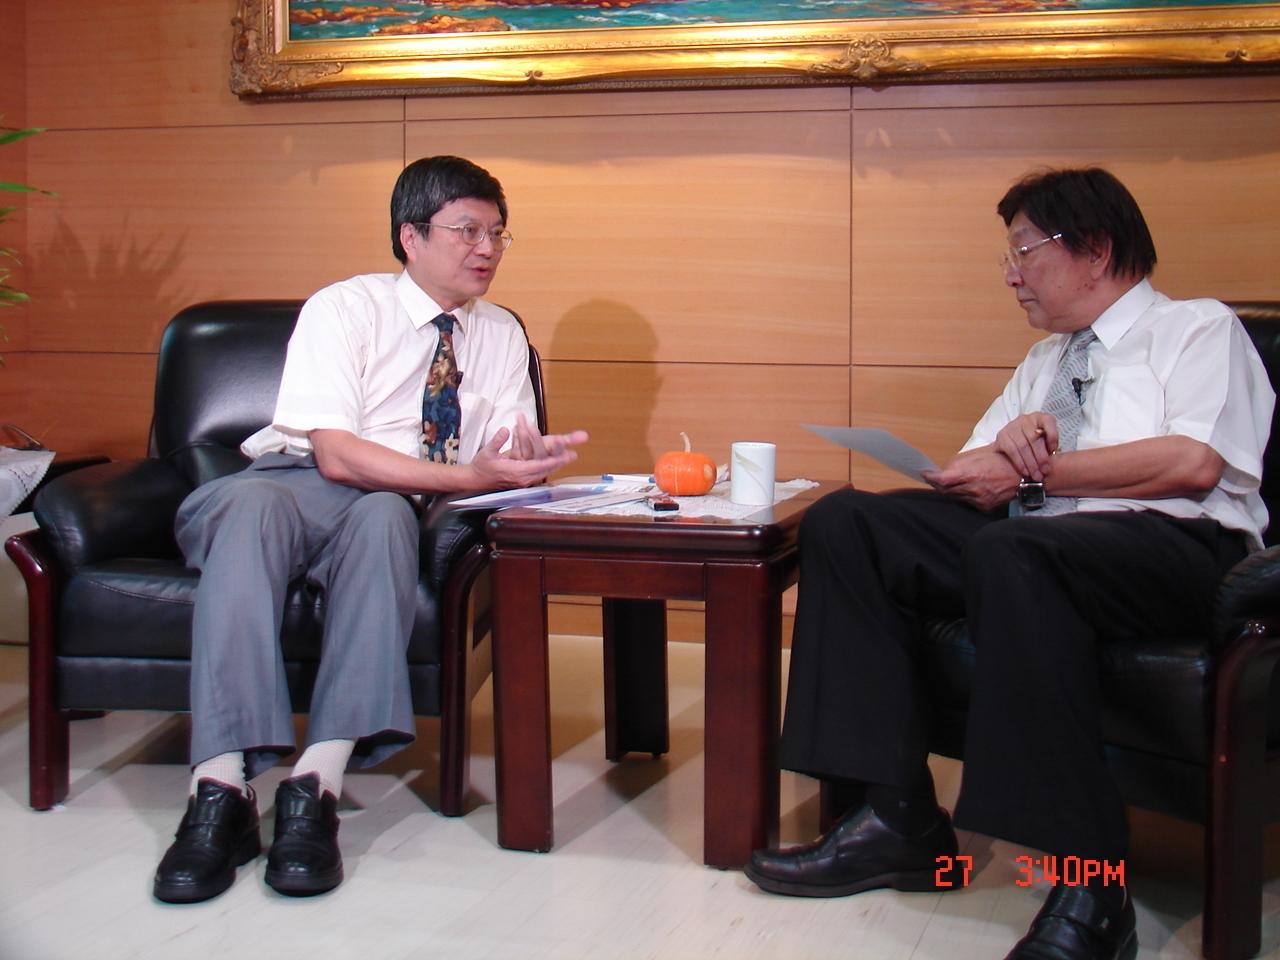 新北市副市長許志堅過去接受台灣英文新聞社長翁嘉宏專訪。(資料照片)